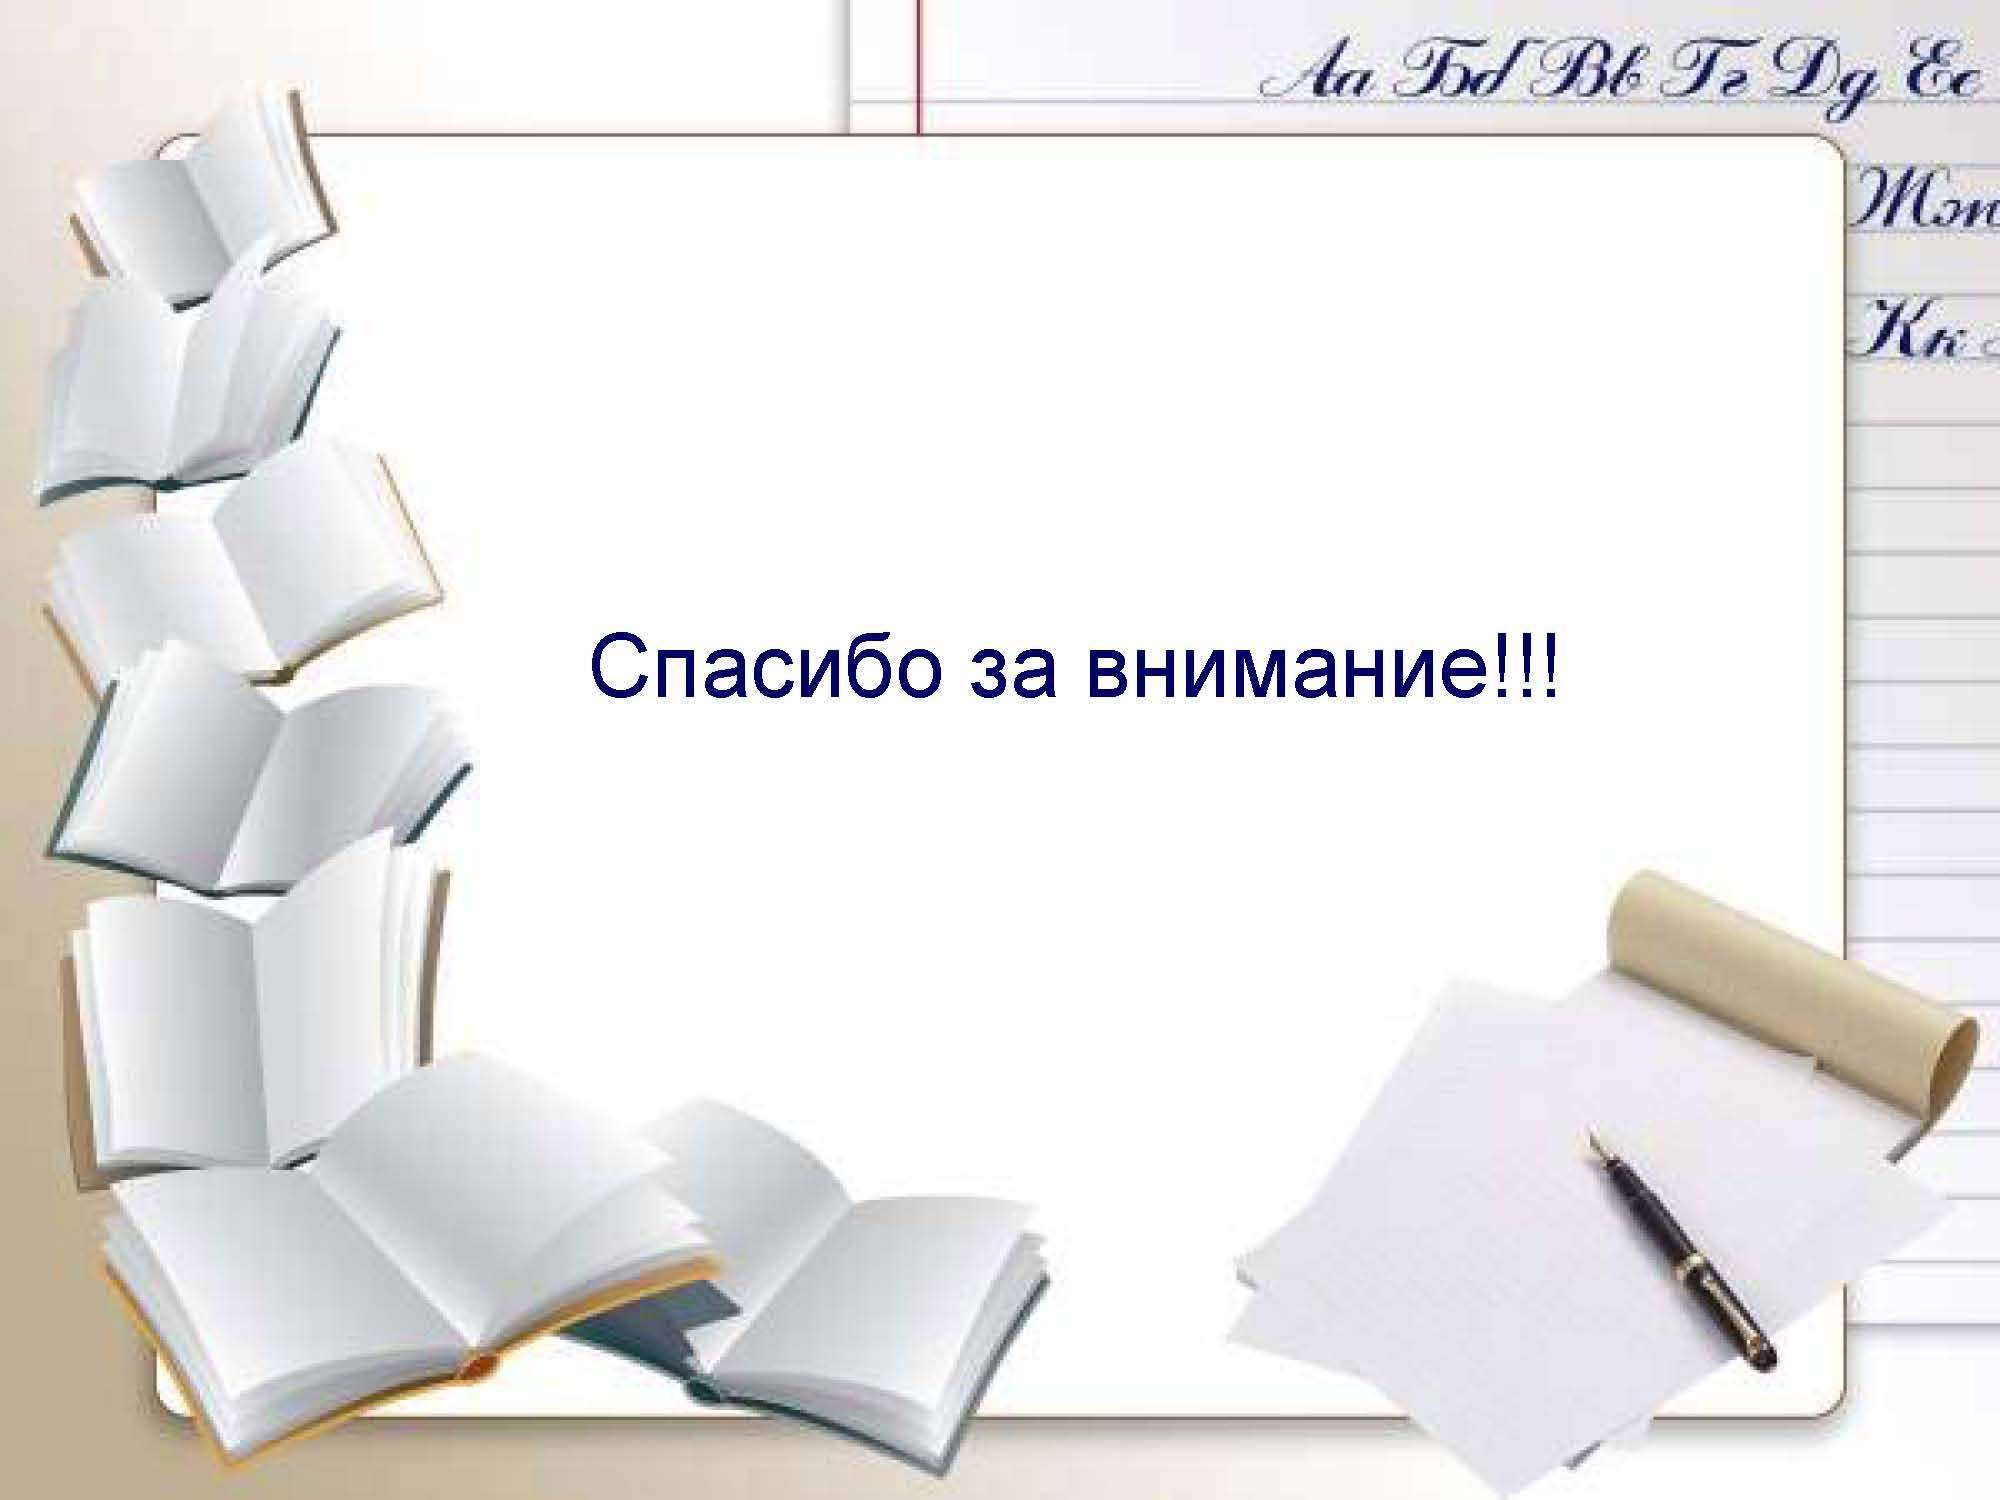 Книги чернильница перо картинки